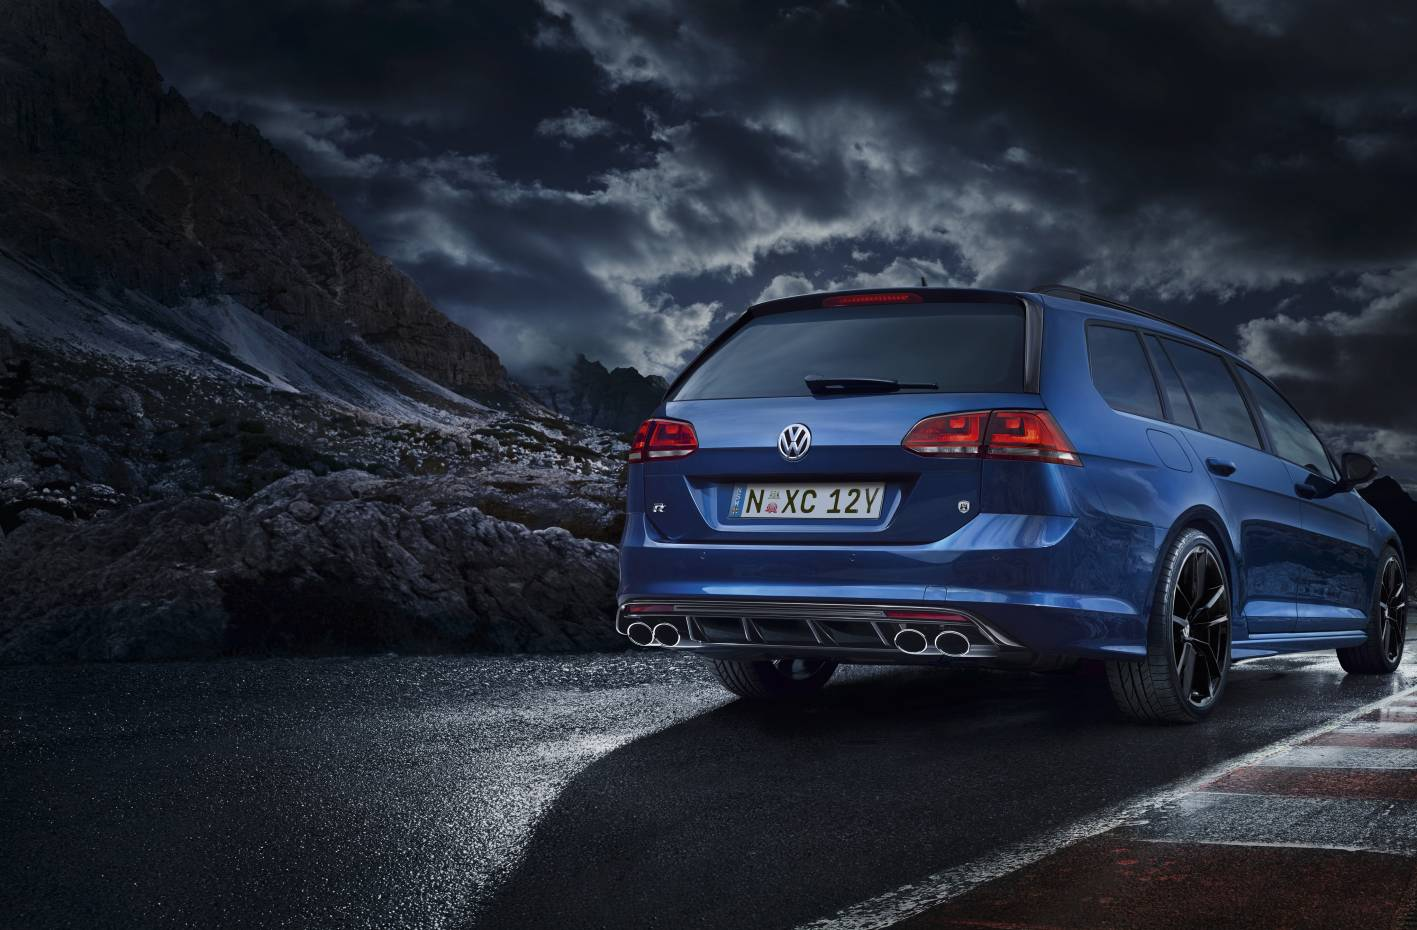 Ostrzejsza, sportowa wersja rodzinnego #VW - Golf Sportsvan R-Line zaprezentowany na